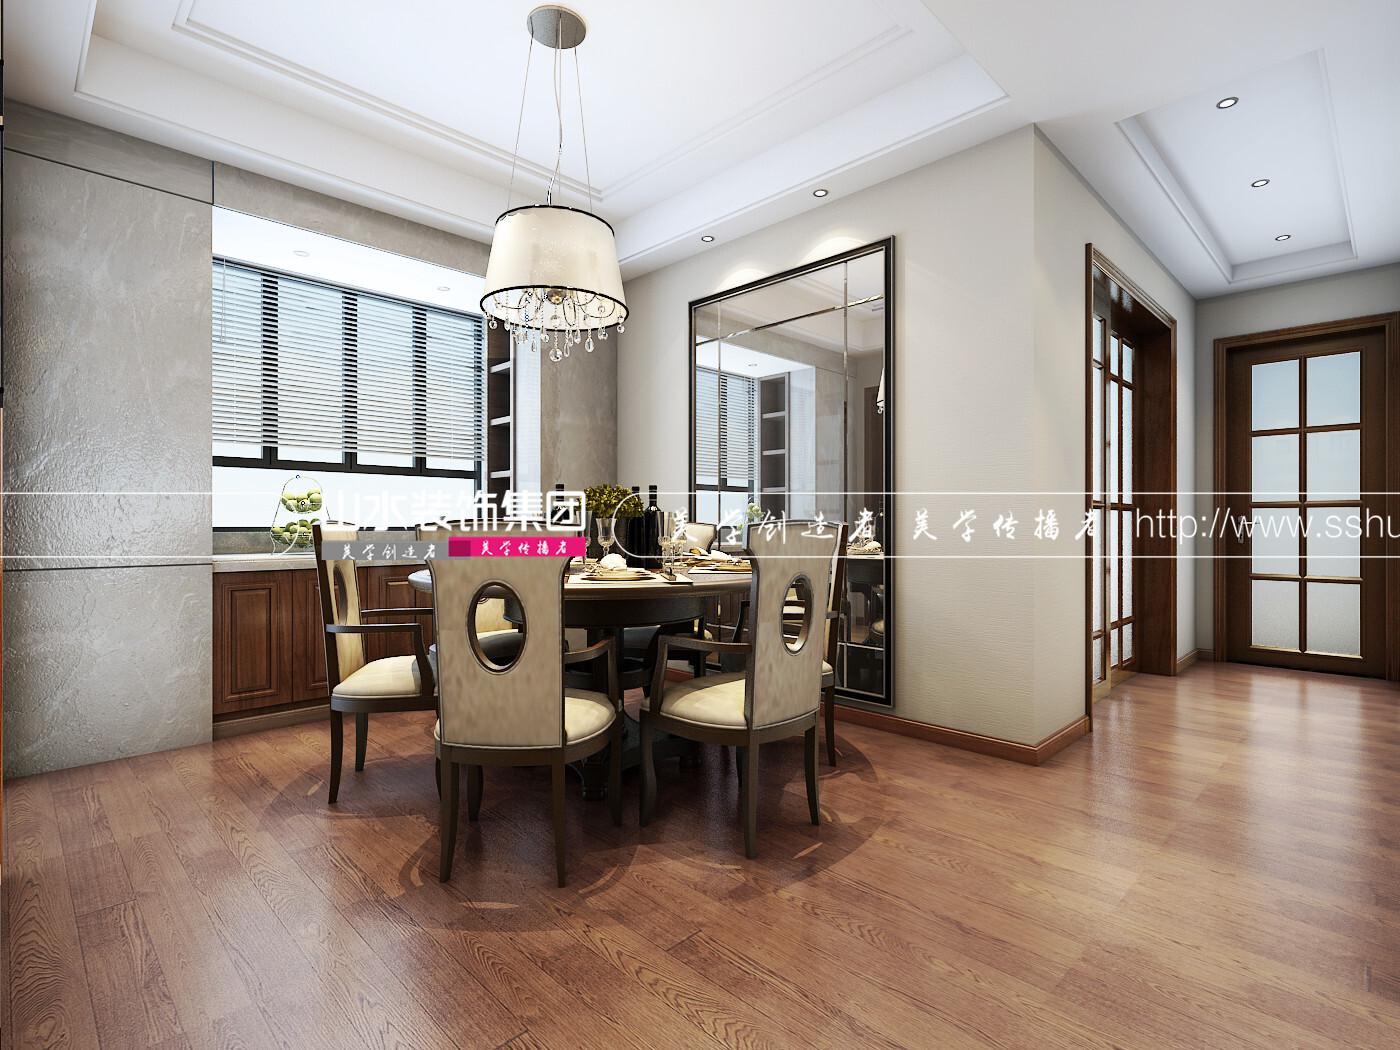 180平米現代風格四居室裝修效果圖